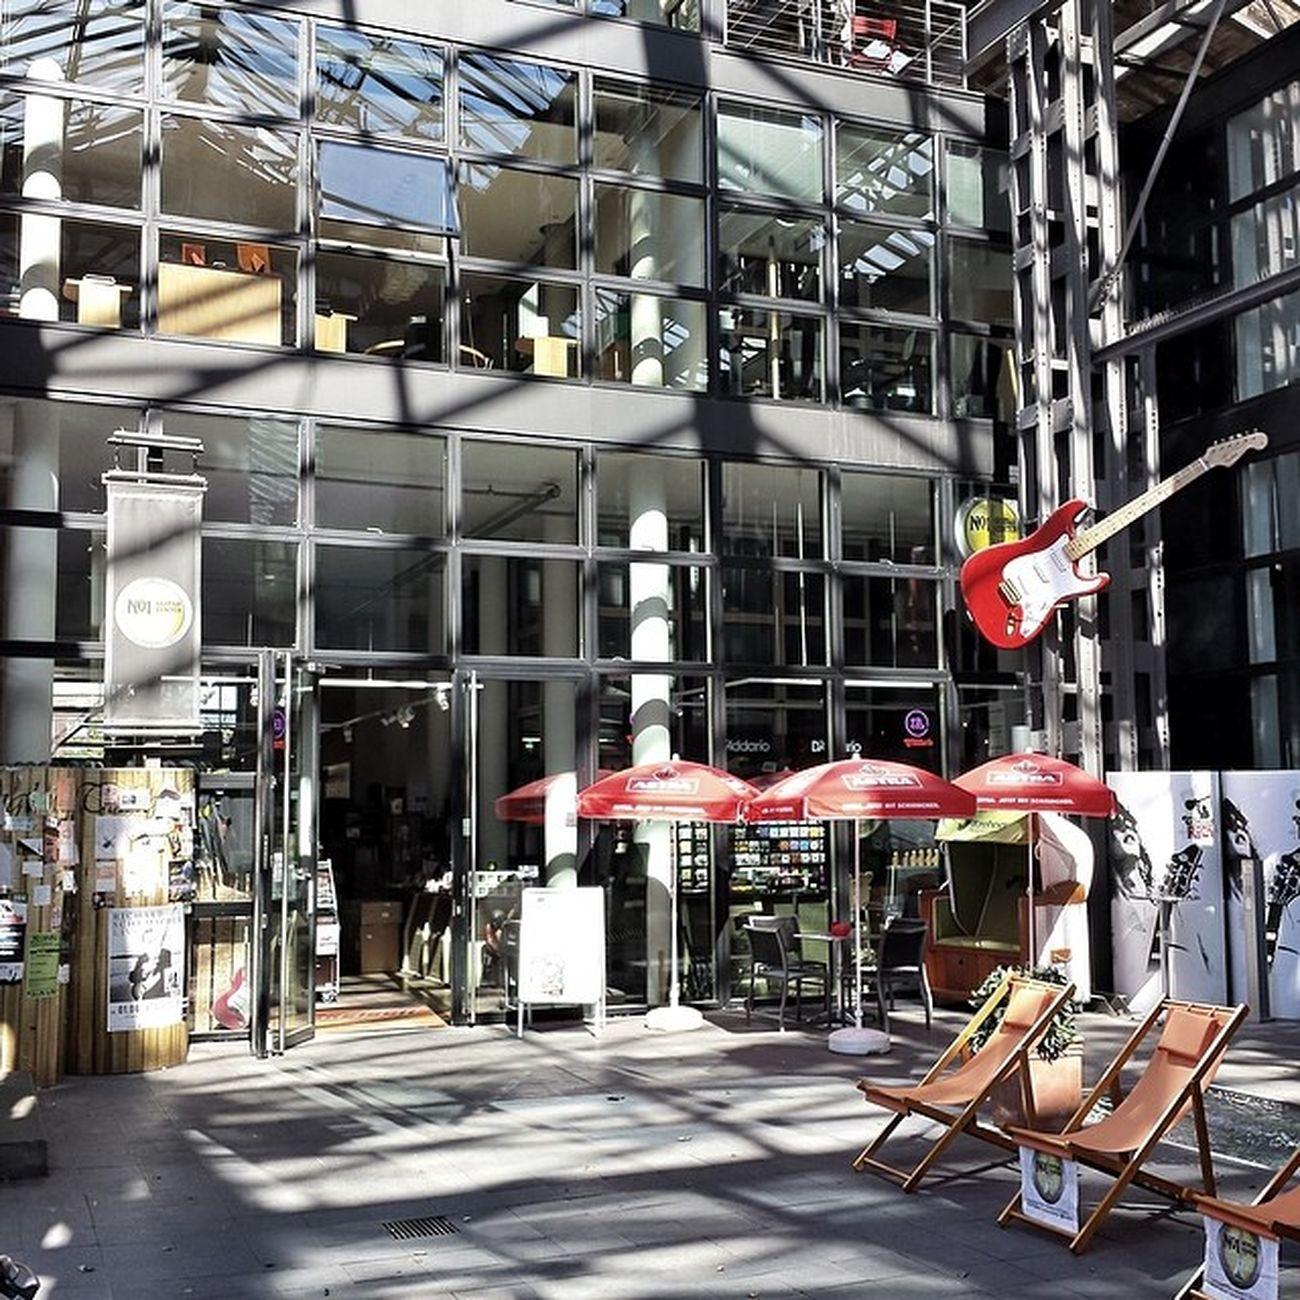 One of my favorite shops in Hamburg No.1 Guitar Center No1 No1guitarcenter Guitarporn fender gibson jackson rickenbacker gretsch ovation stratocaster architecture architektur glas glass steel stahl